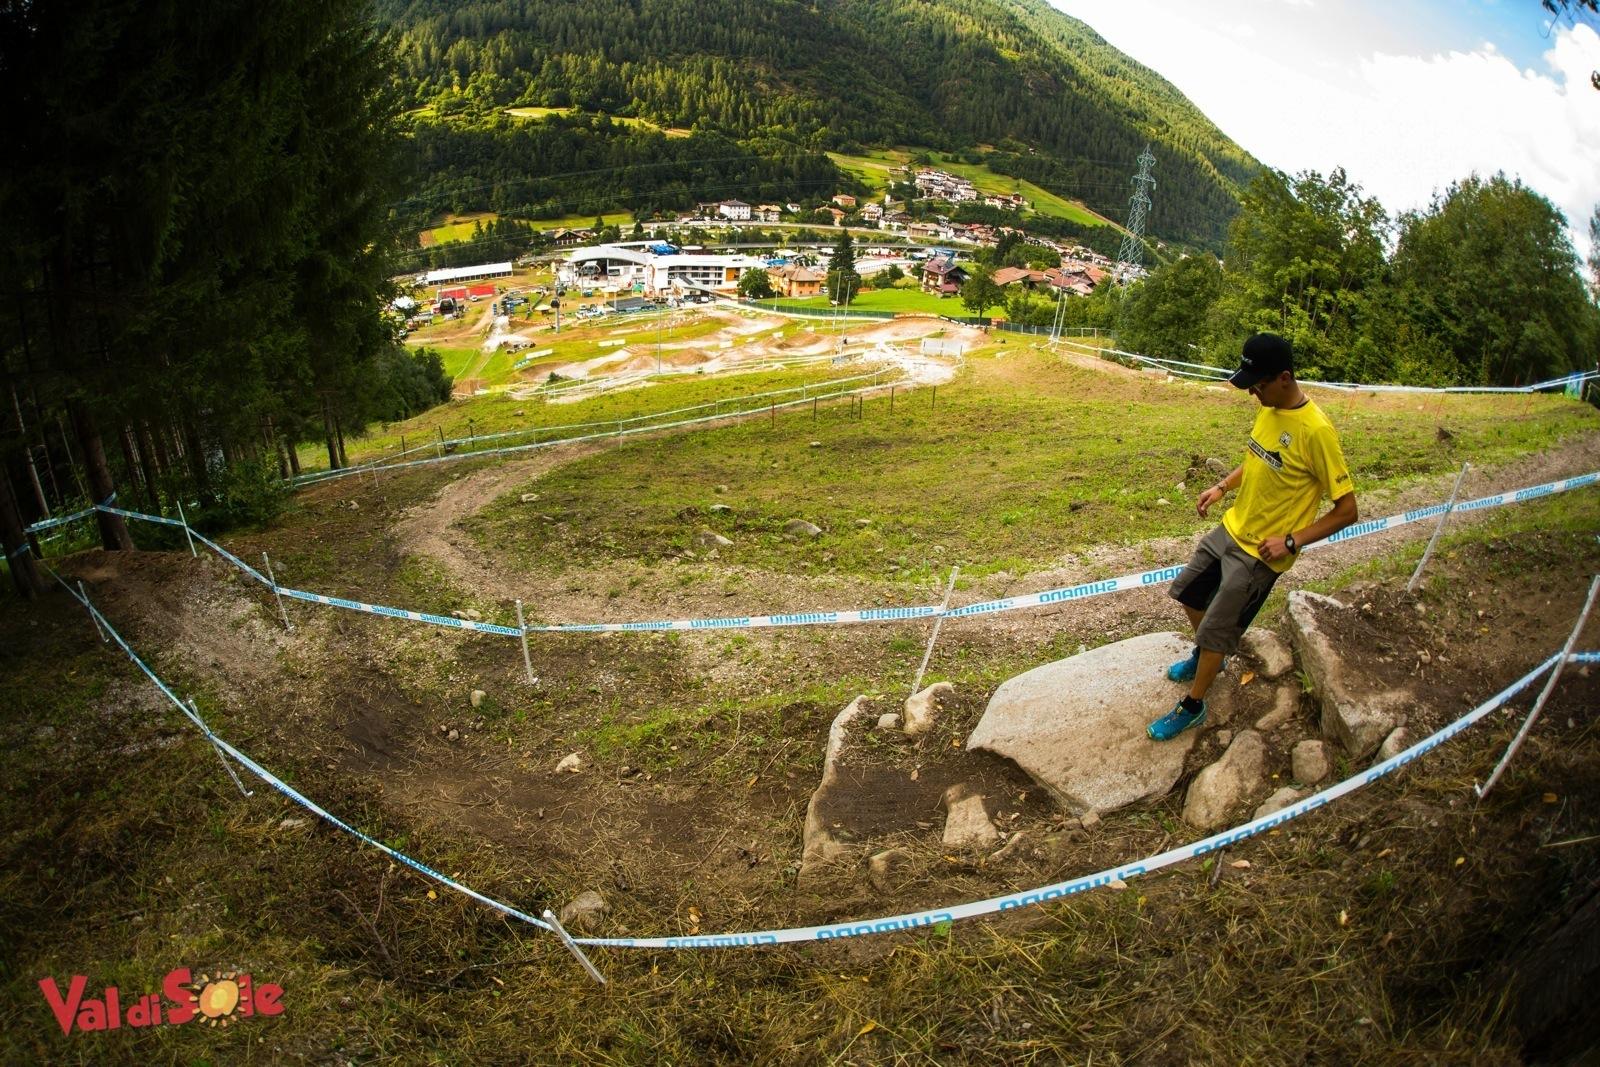 Sergio Battistini mostra il tracciato xc in Val di Sole della World Cup Mtb UCI 2015